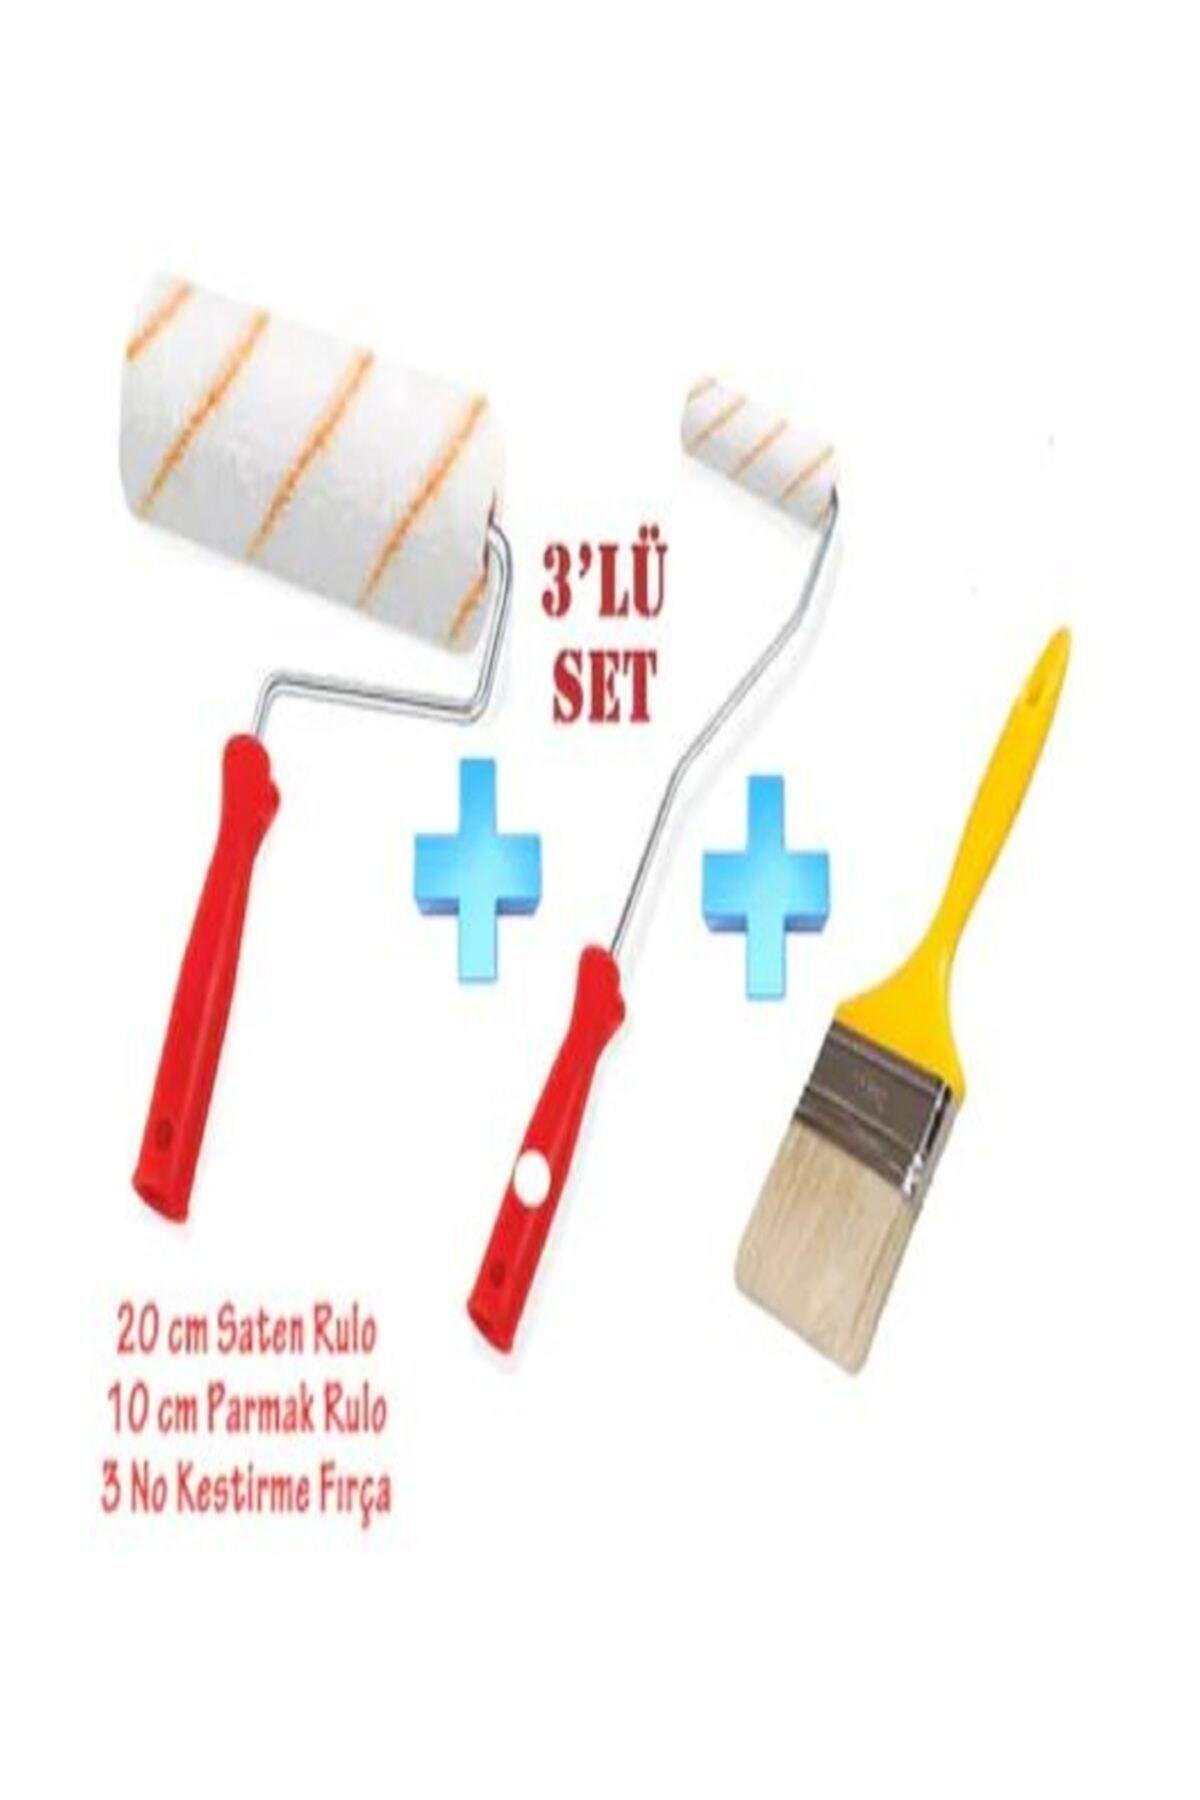 ALPERYAPI Boyacı Seti  Set Saten Rulo + Parmak Rulo + Kestirme Fırça Set 3'lü 1